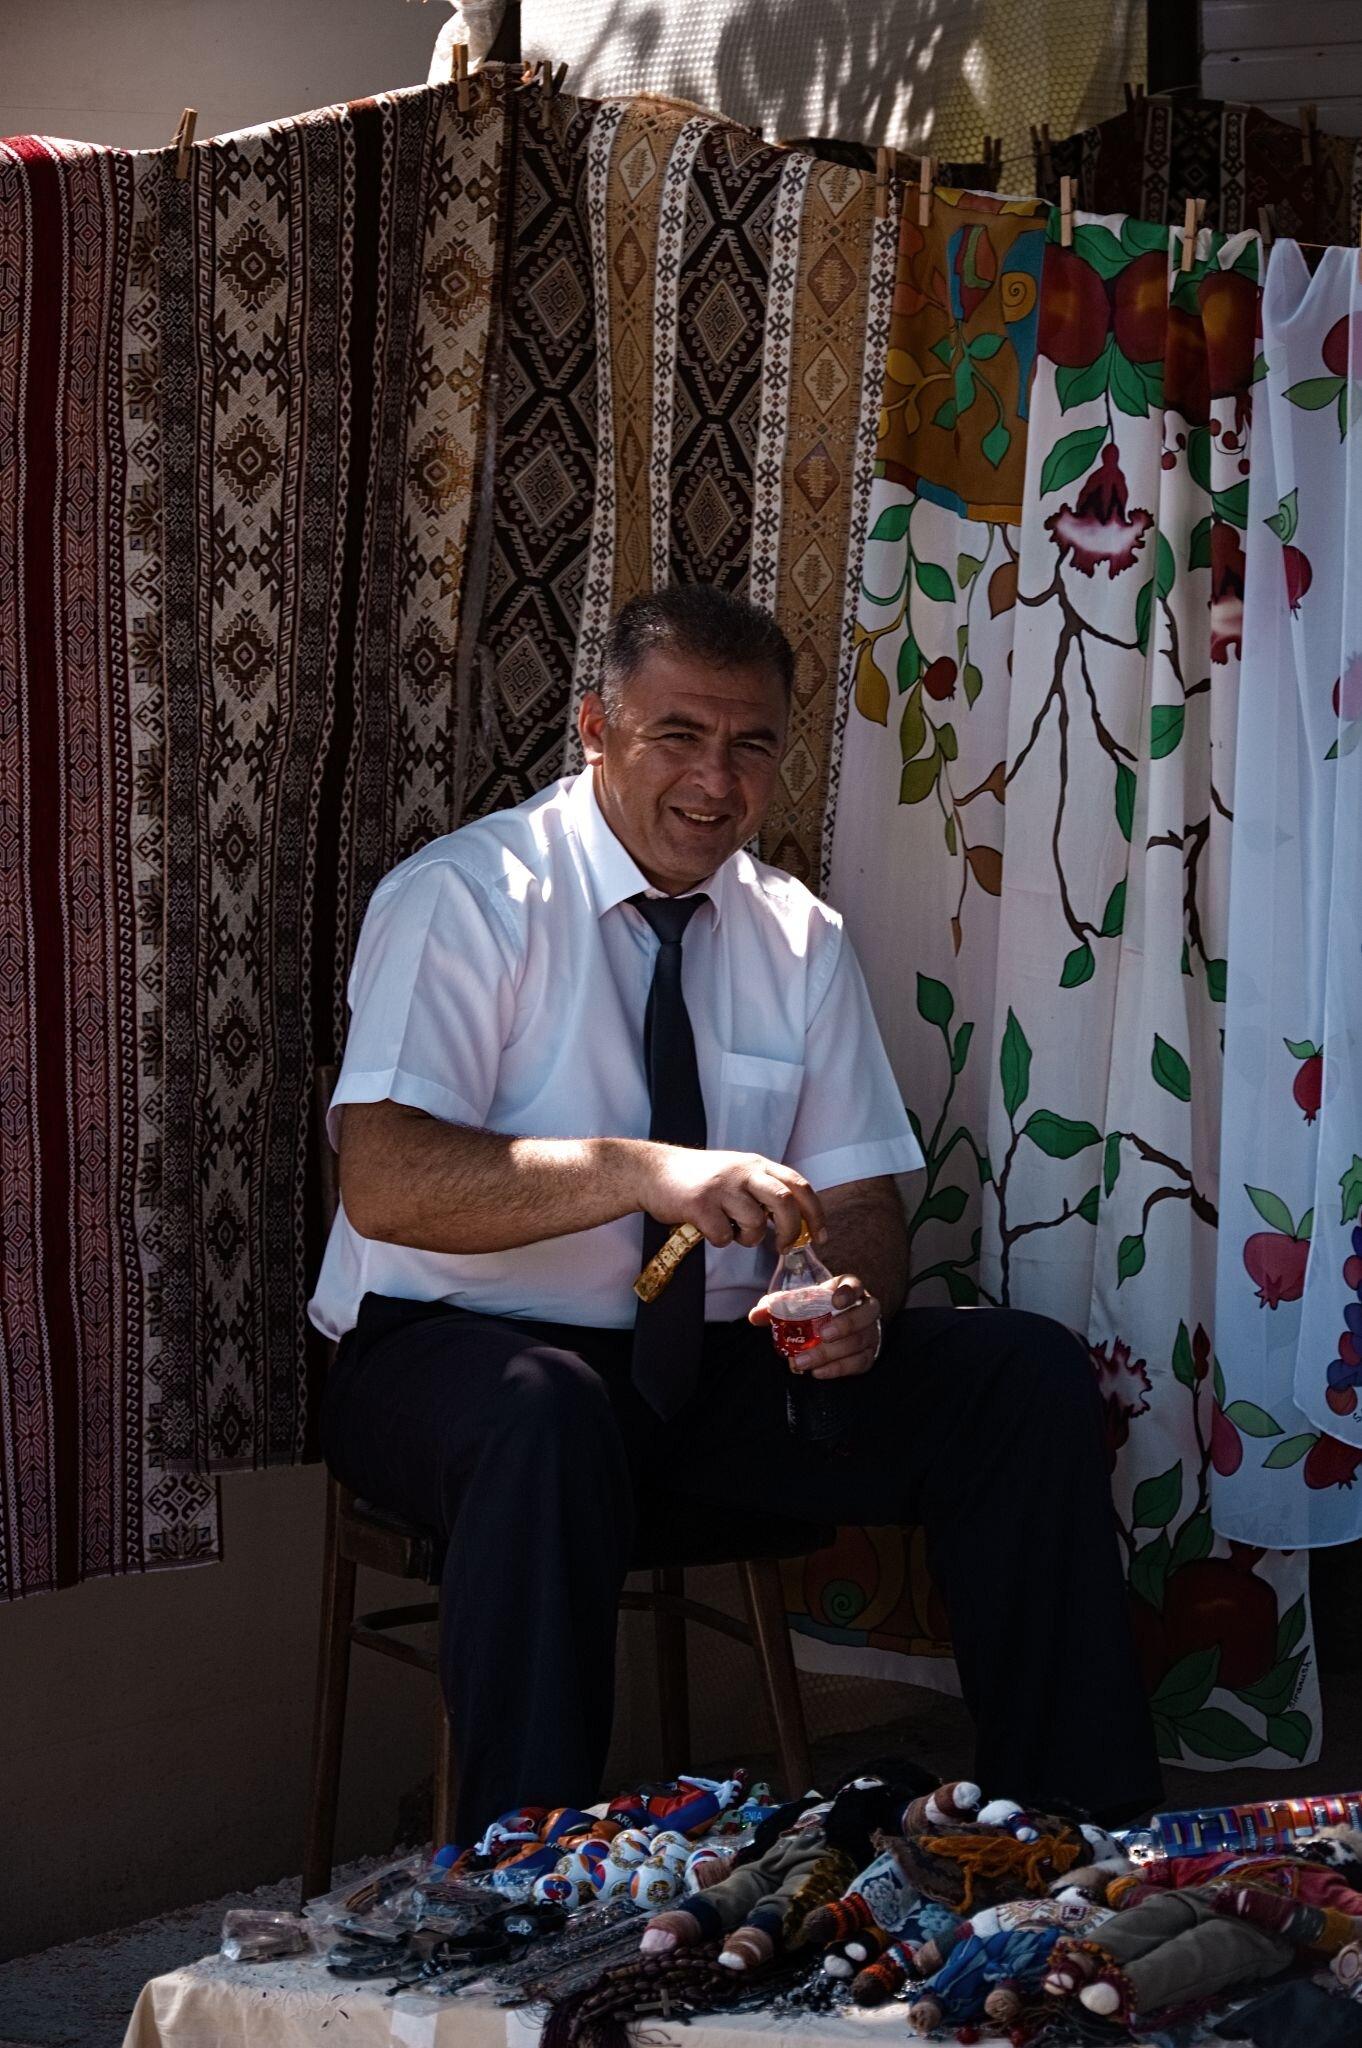 Mann im weißen Hemd vor Tüchern